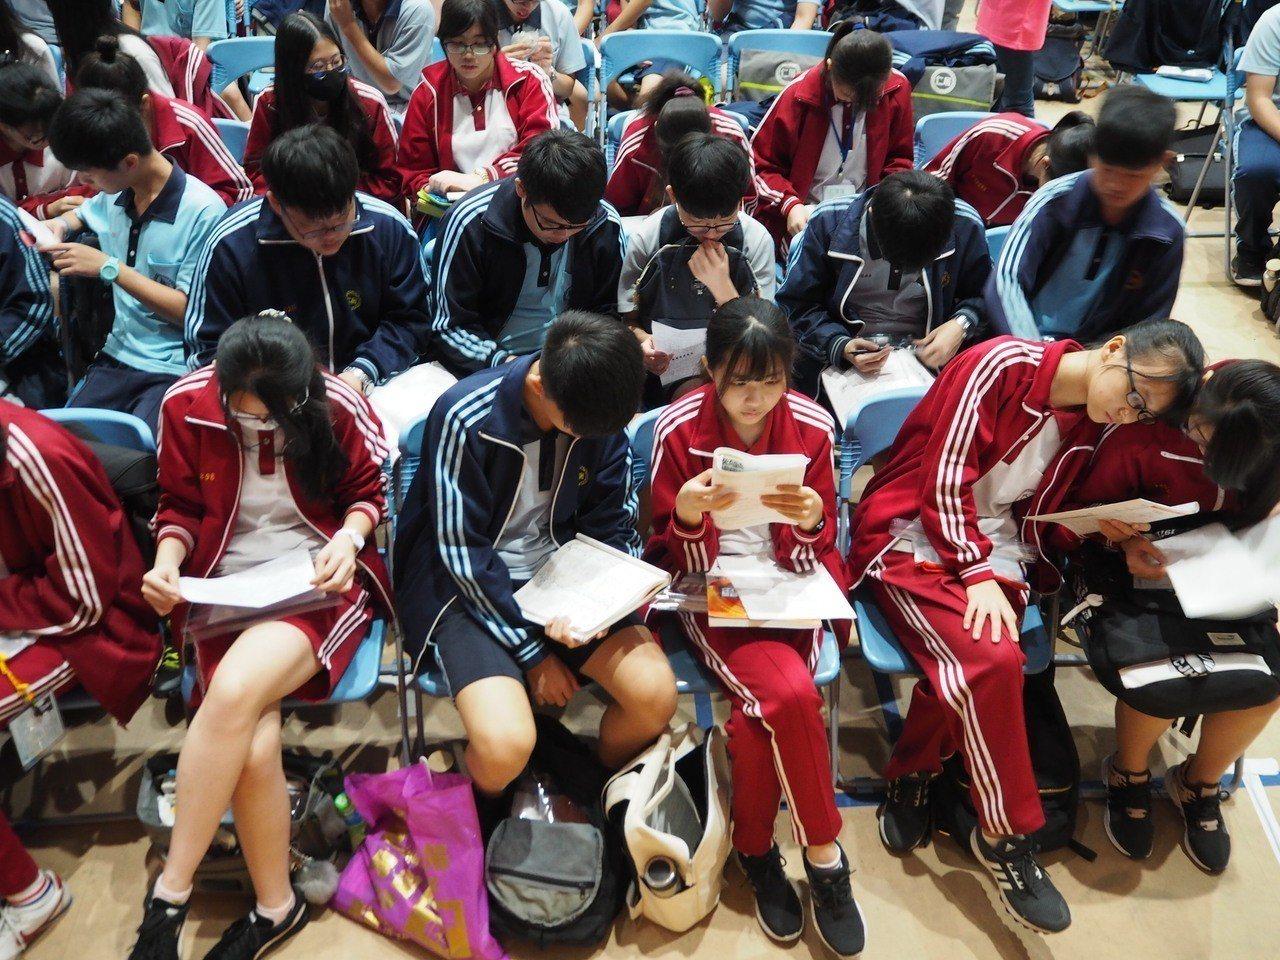 107國中教育會考國文科,台中地區考生都搖頭說「難,今天最難一科!」文言文比重高...